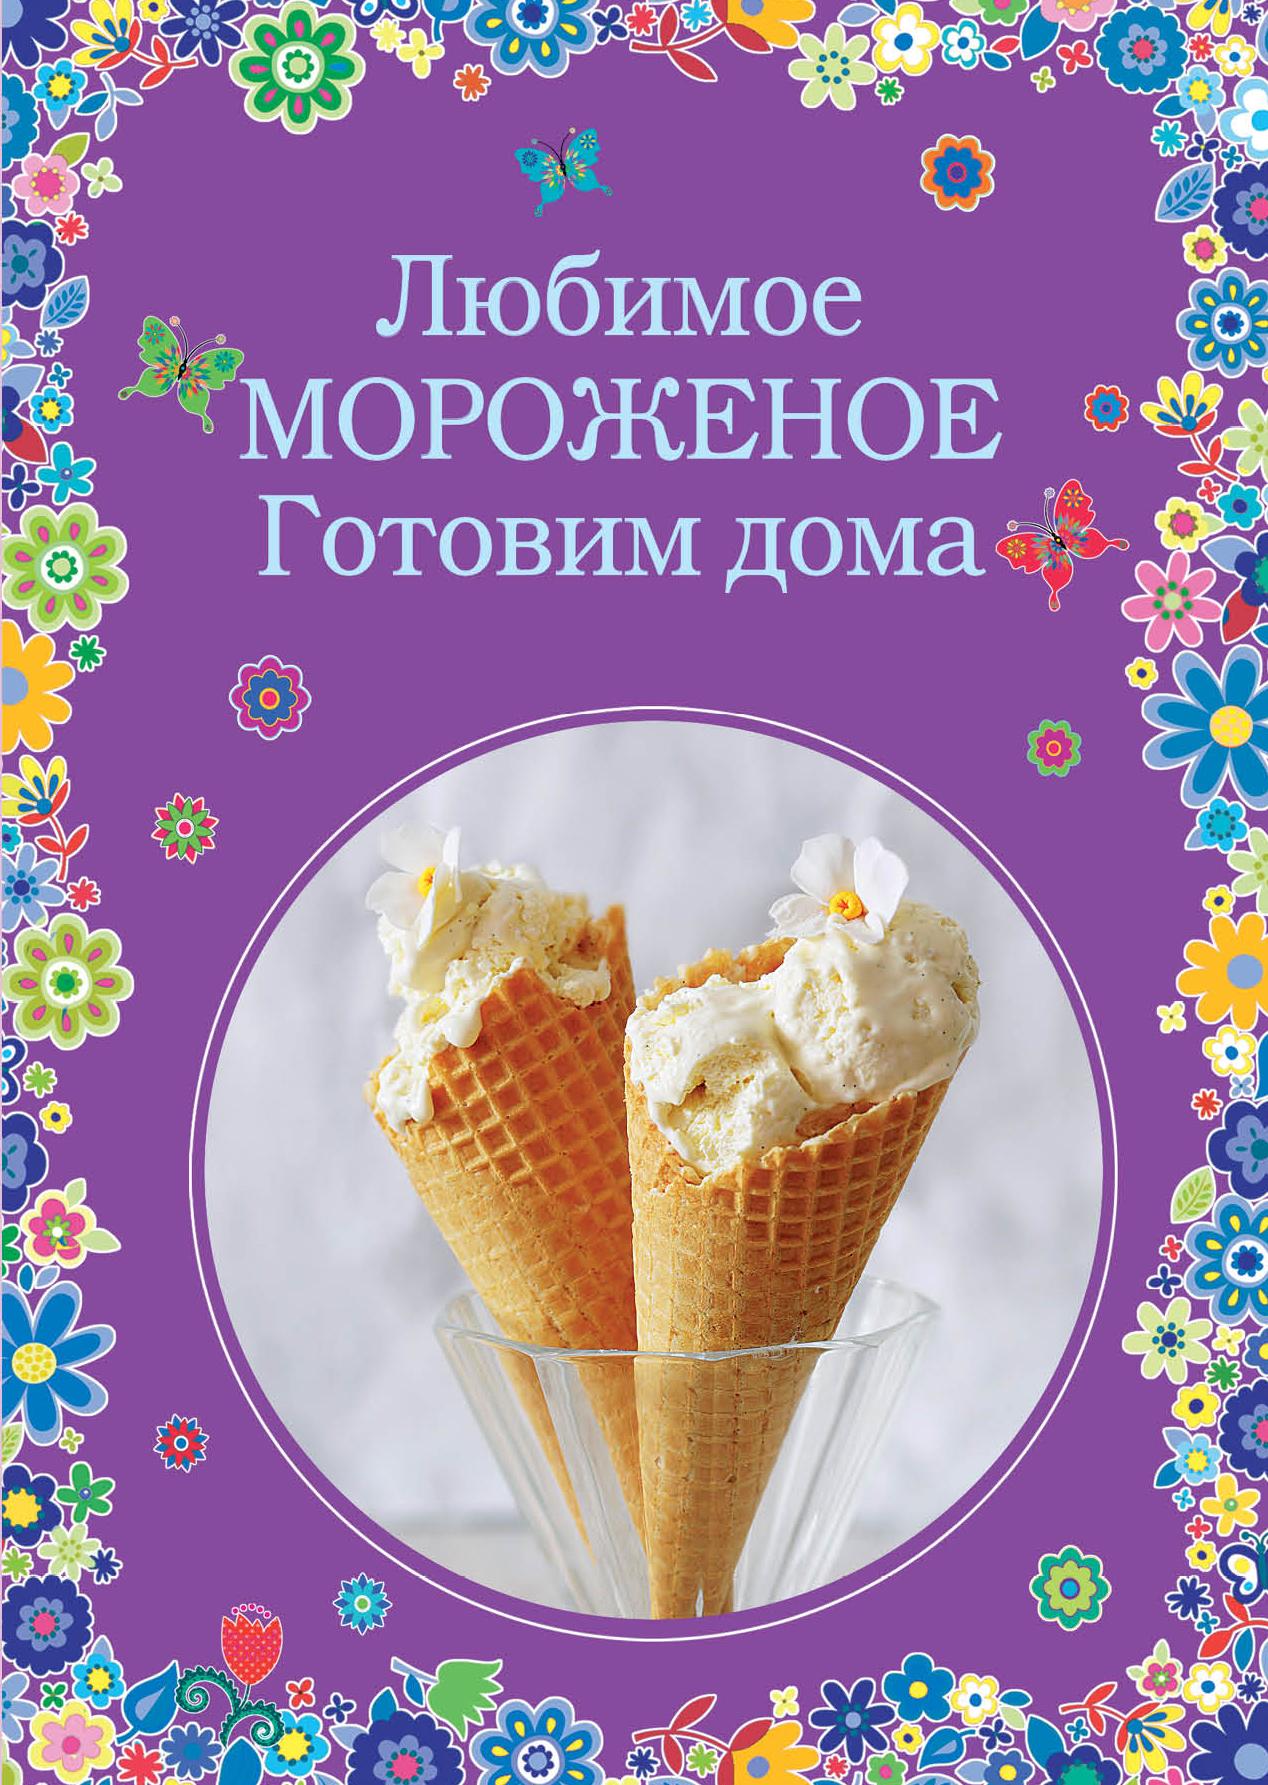 Жук К.В., Серебрякова Н.Э. Любимое мороженое. Готовим дома